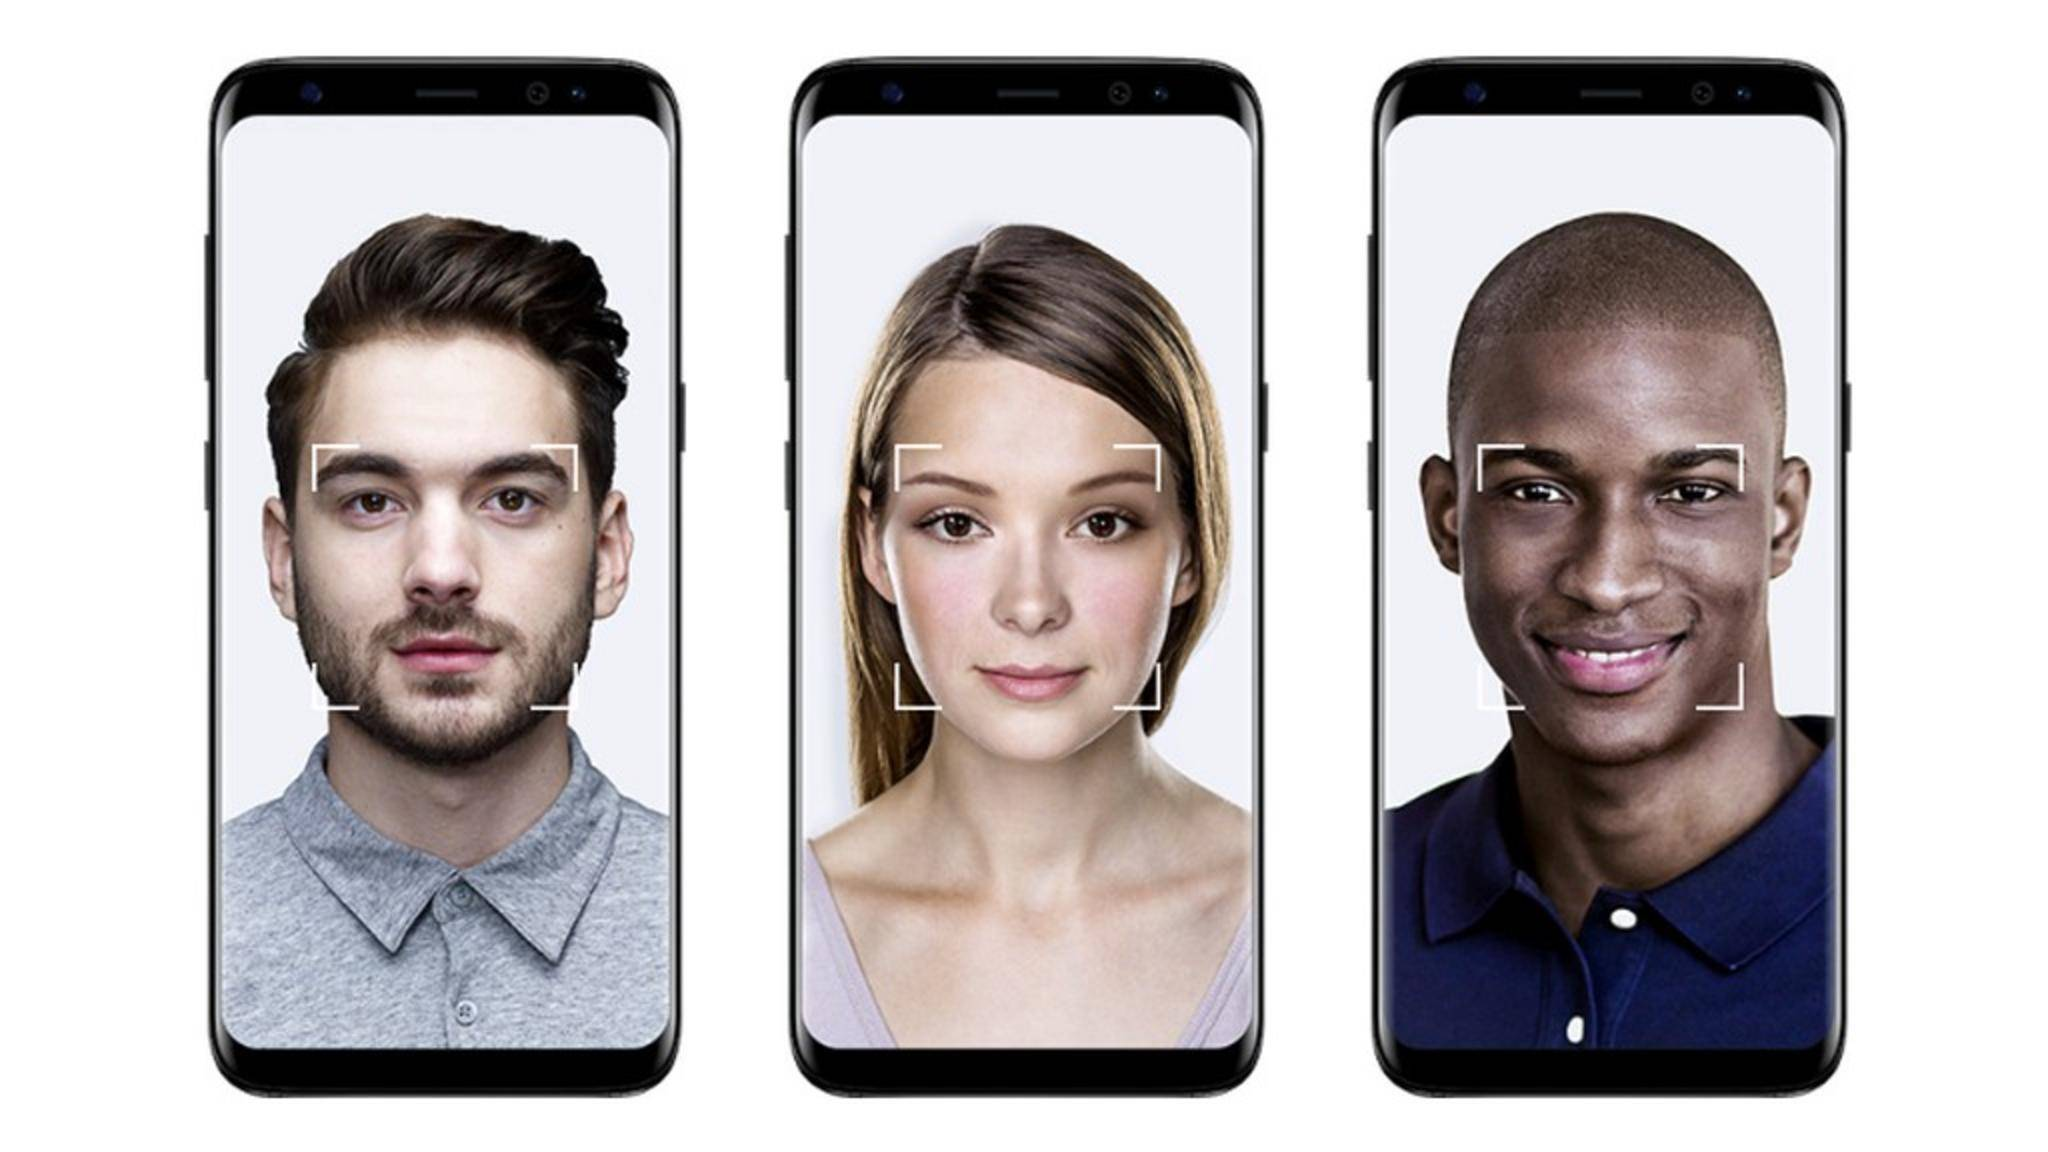 Ähnlich wie das Pixel 2 soll auch das Galaxy S8 einen Software-basierten Porträtmodus erhalten.